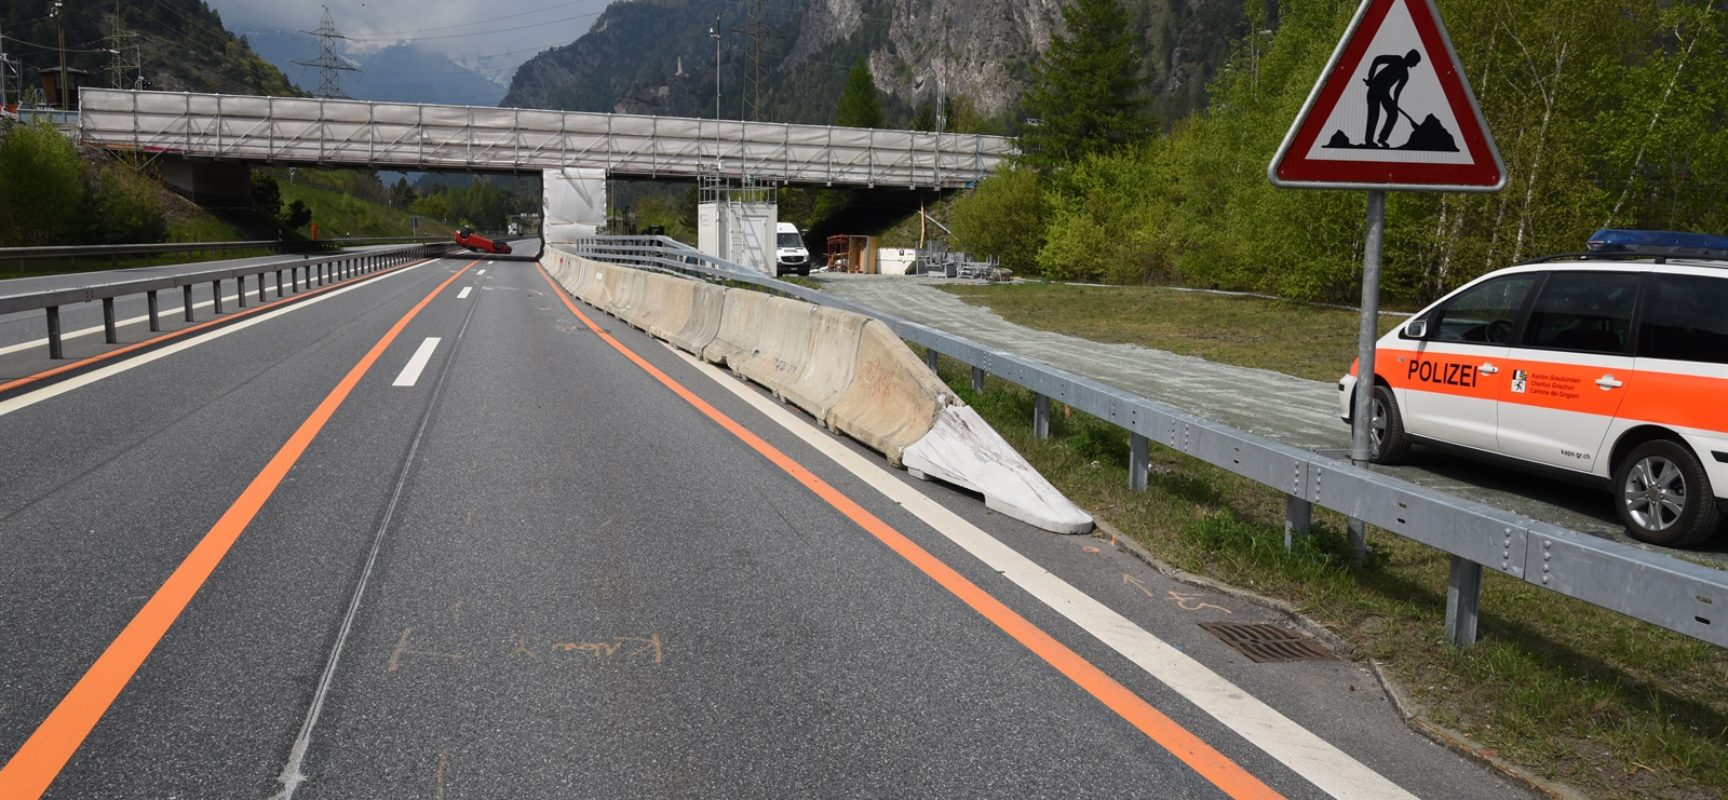 Unfall auf der A13 in Rothenbrunnen